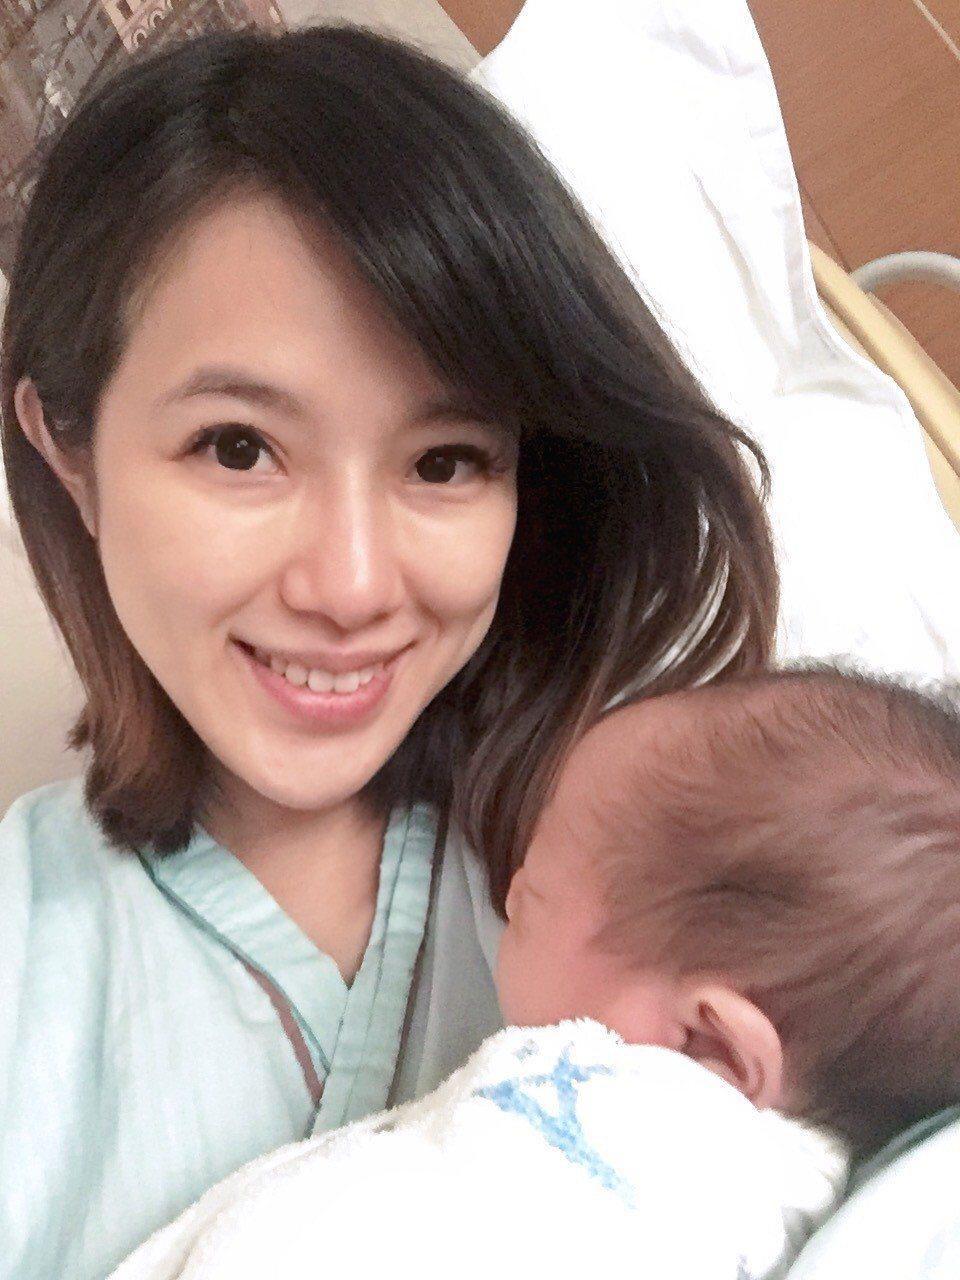 黃瑄抱著新生兒好滿足。圖/時尚產後護理之家提供